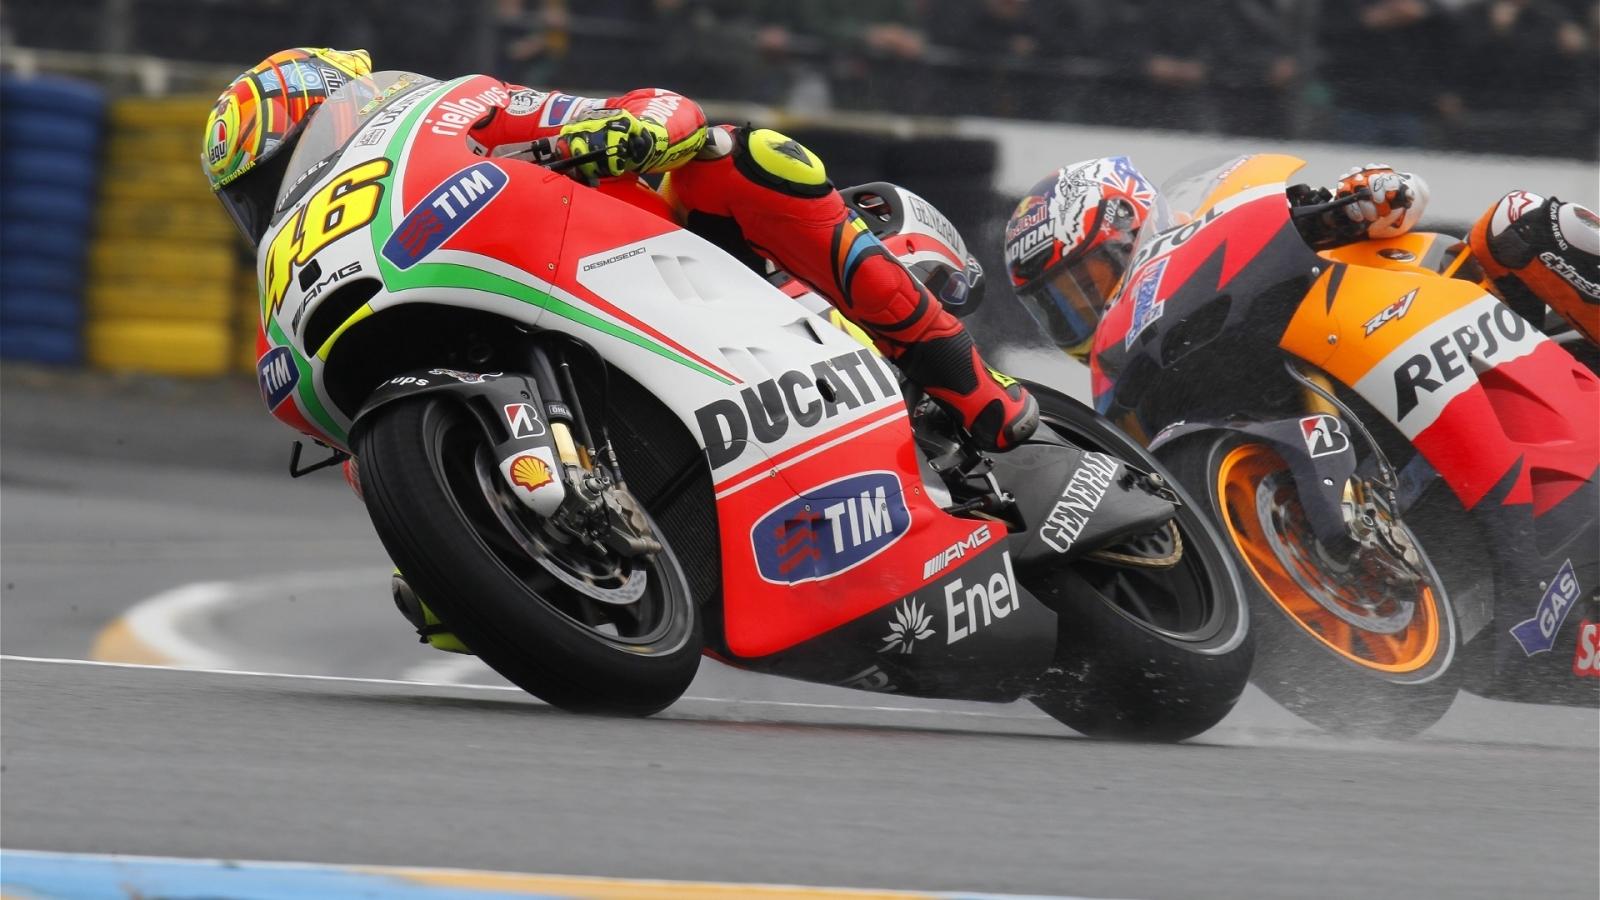 Moto Ducati VS Honda - 1600x900